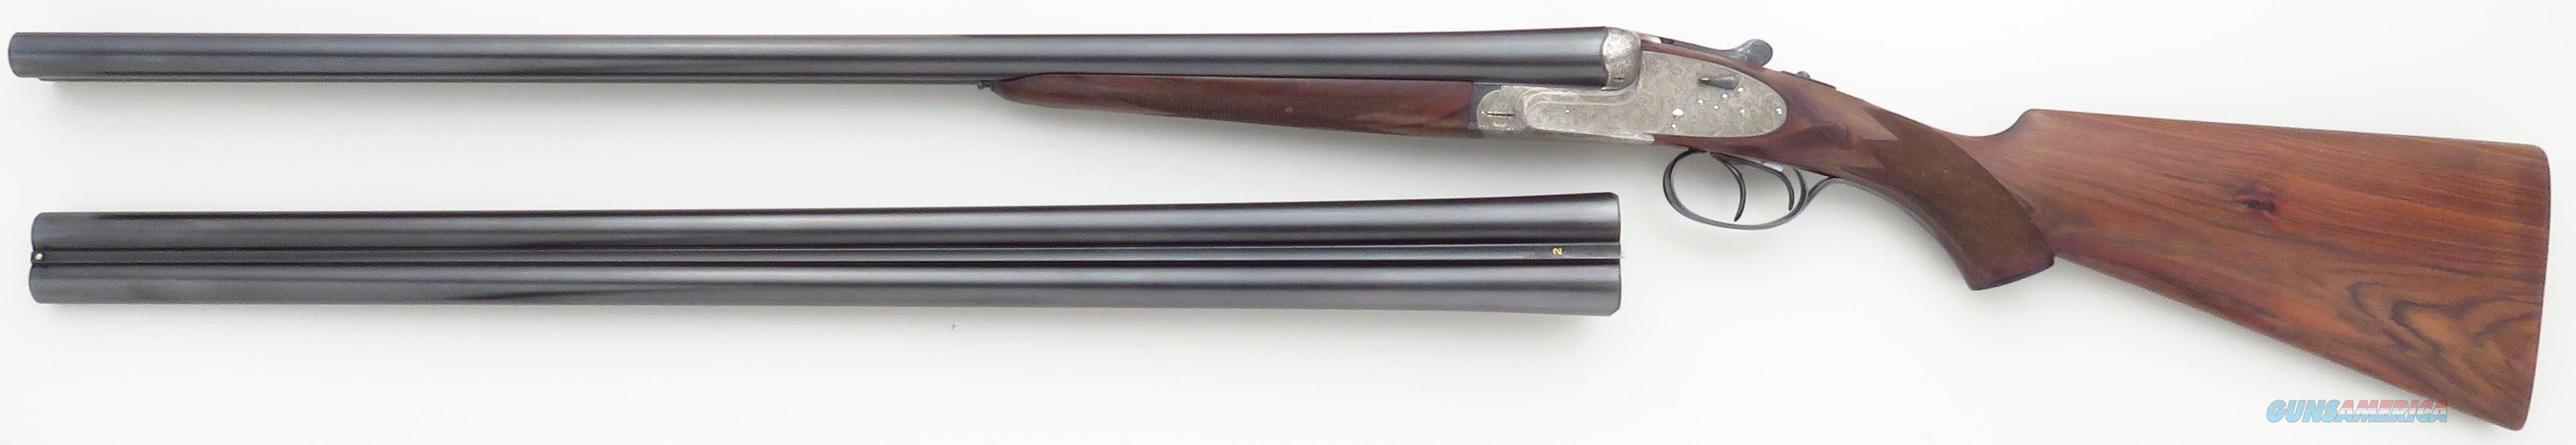 AyA Model 53 12 gauge SxS 2-barrel set, engraved sidelock, ejectors, 1961, cased, 98%  Guns > Shotguns > AYA Shotguns